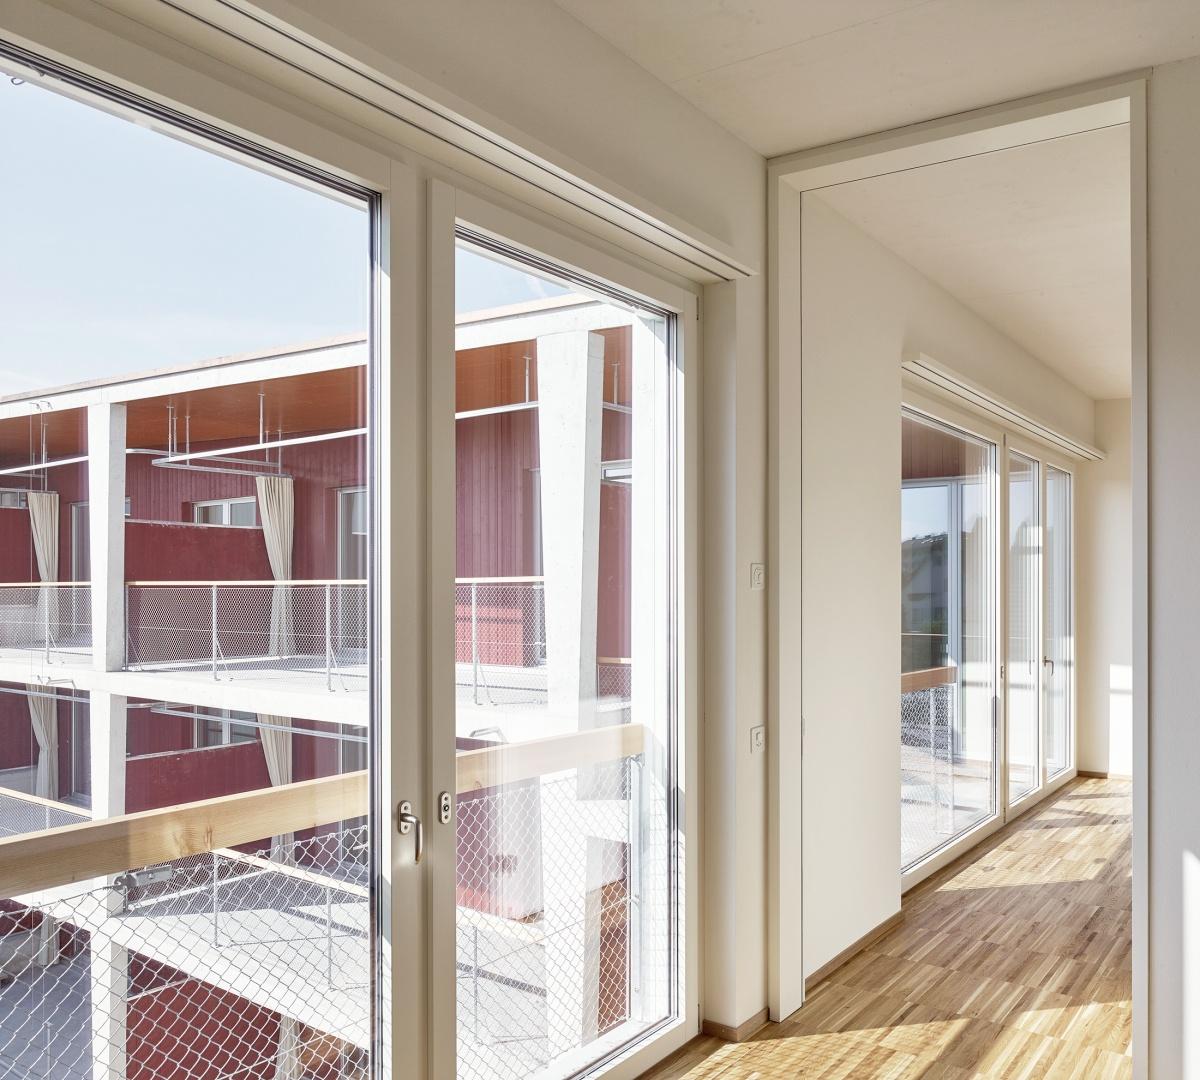 Verschränkung von Innen- und Aussenraum  © Roland Bernath, Fotografie Architektur, Zürich